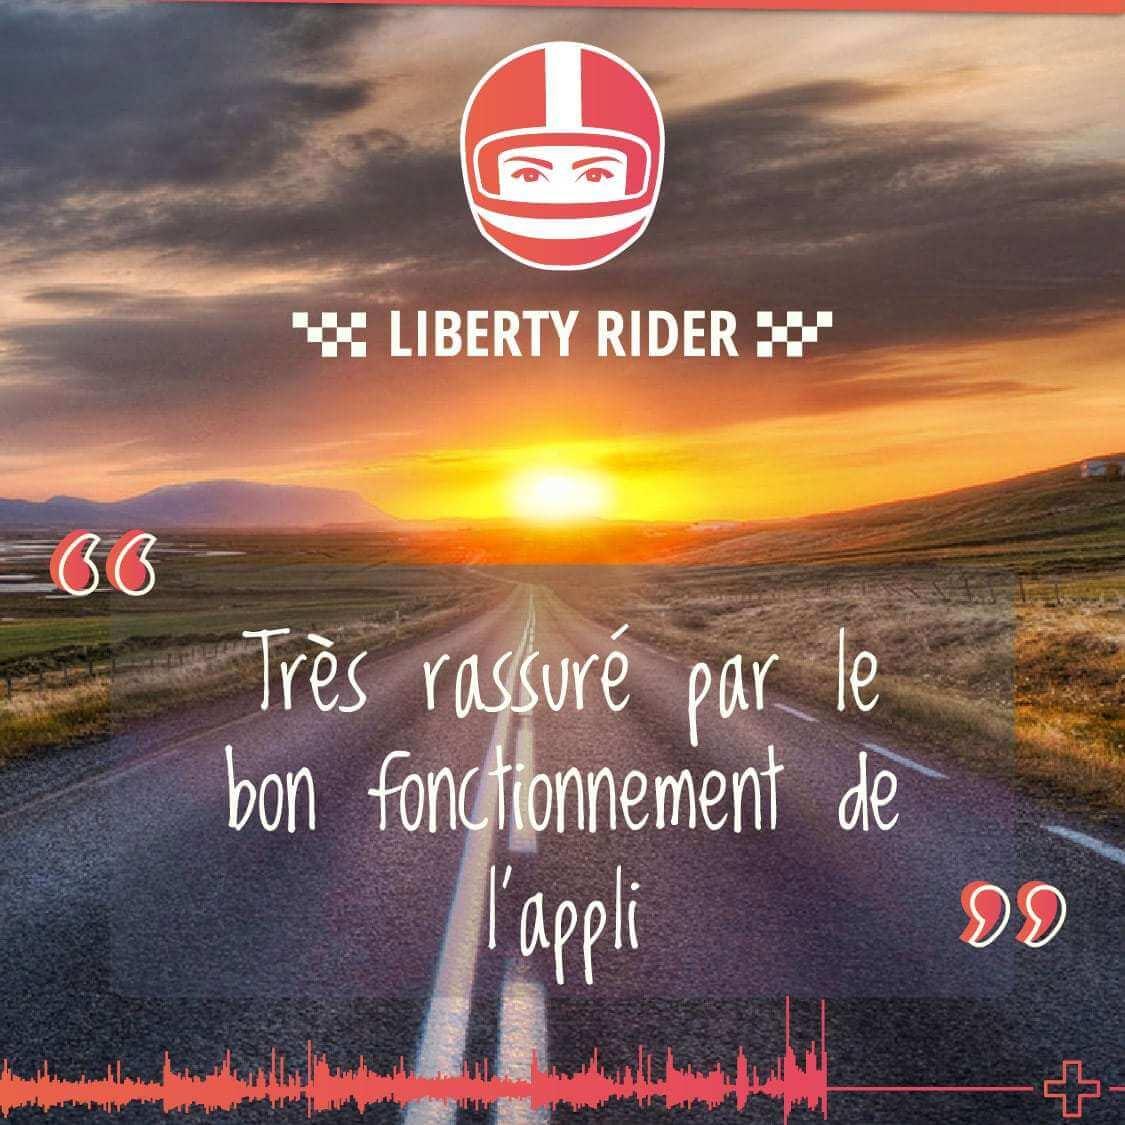 Témoignage d'un utilisateur de l'application Liberty Rider après son accident